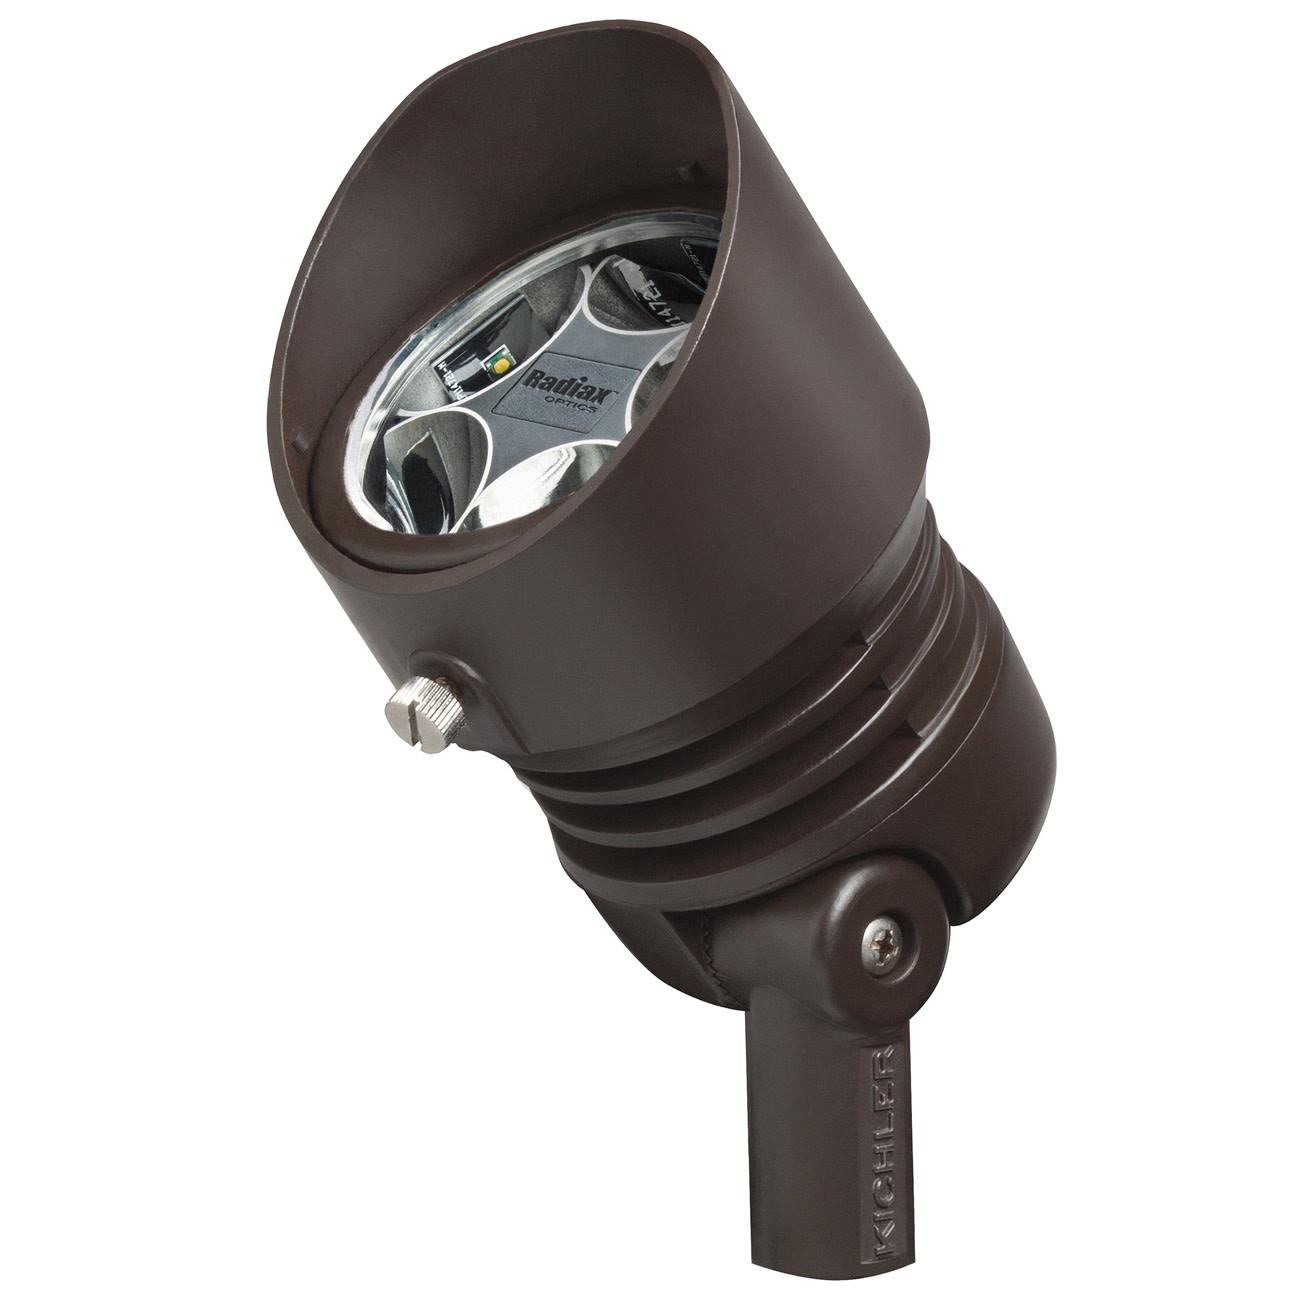 Kichler 16201-30 12.5W LED Accent Light - 3000K - 35 Degree Flood Beam